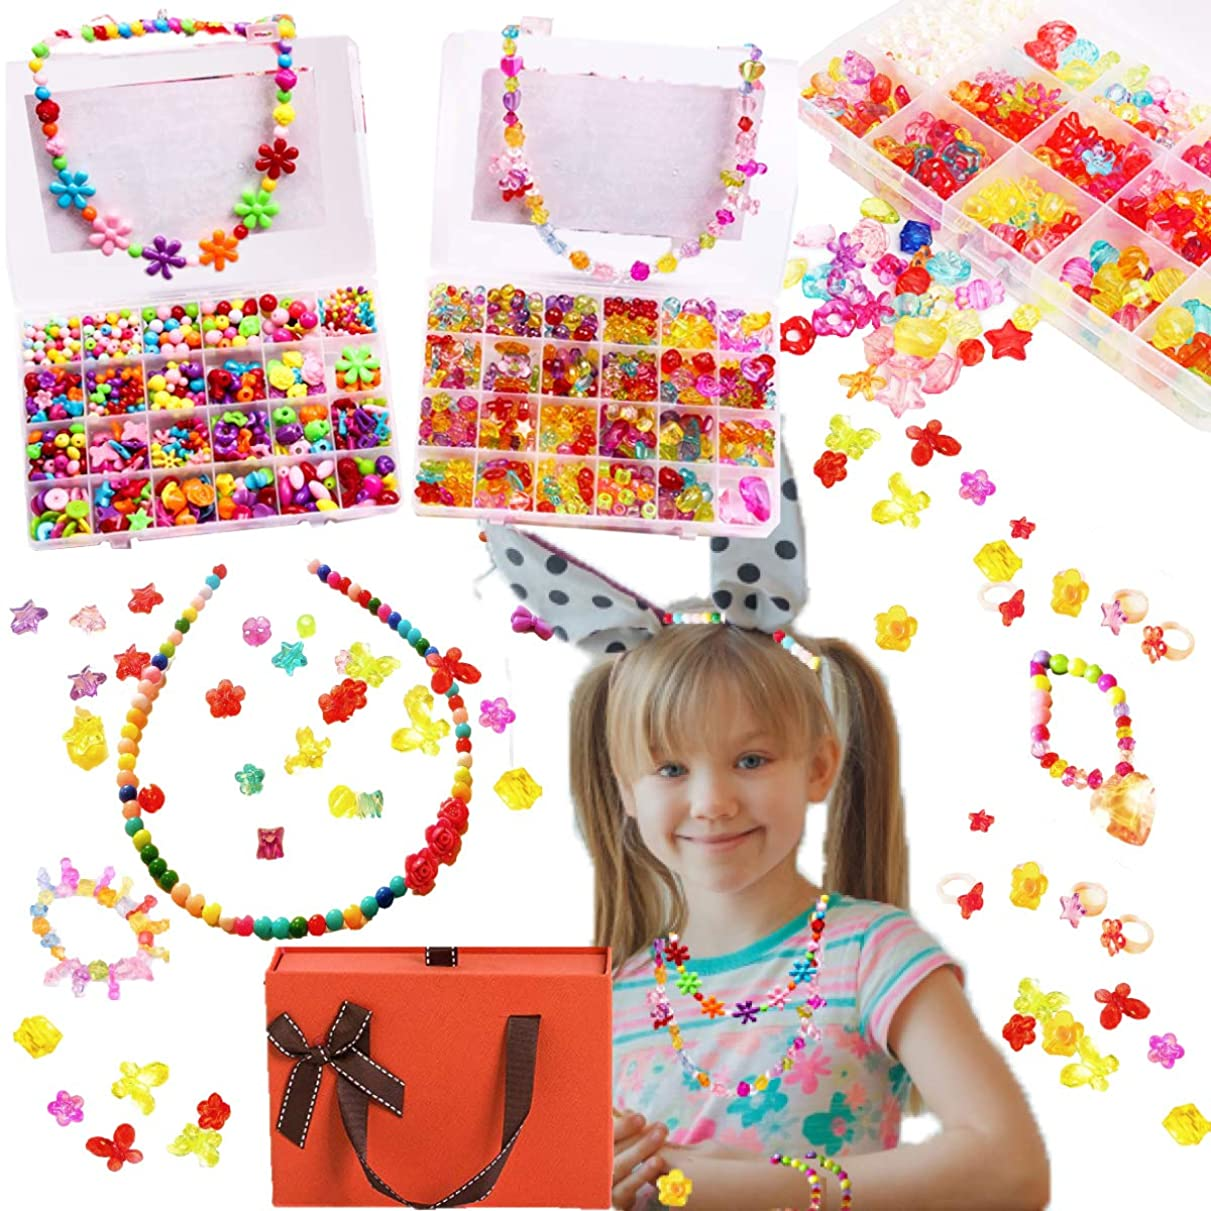 奨学金汚いコンクリート女の子おもちゃ 5歳 6歳 7歳 アクセサリー 作る 小学生 女の子 プレゼント アクセサリー 手作セット <LOVE ジュエリー ビーズキット>